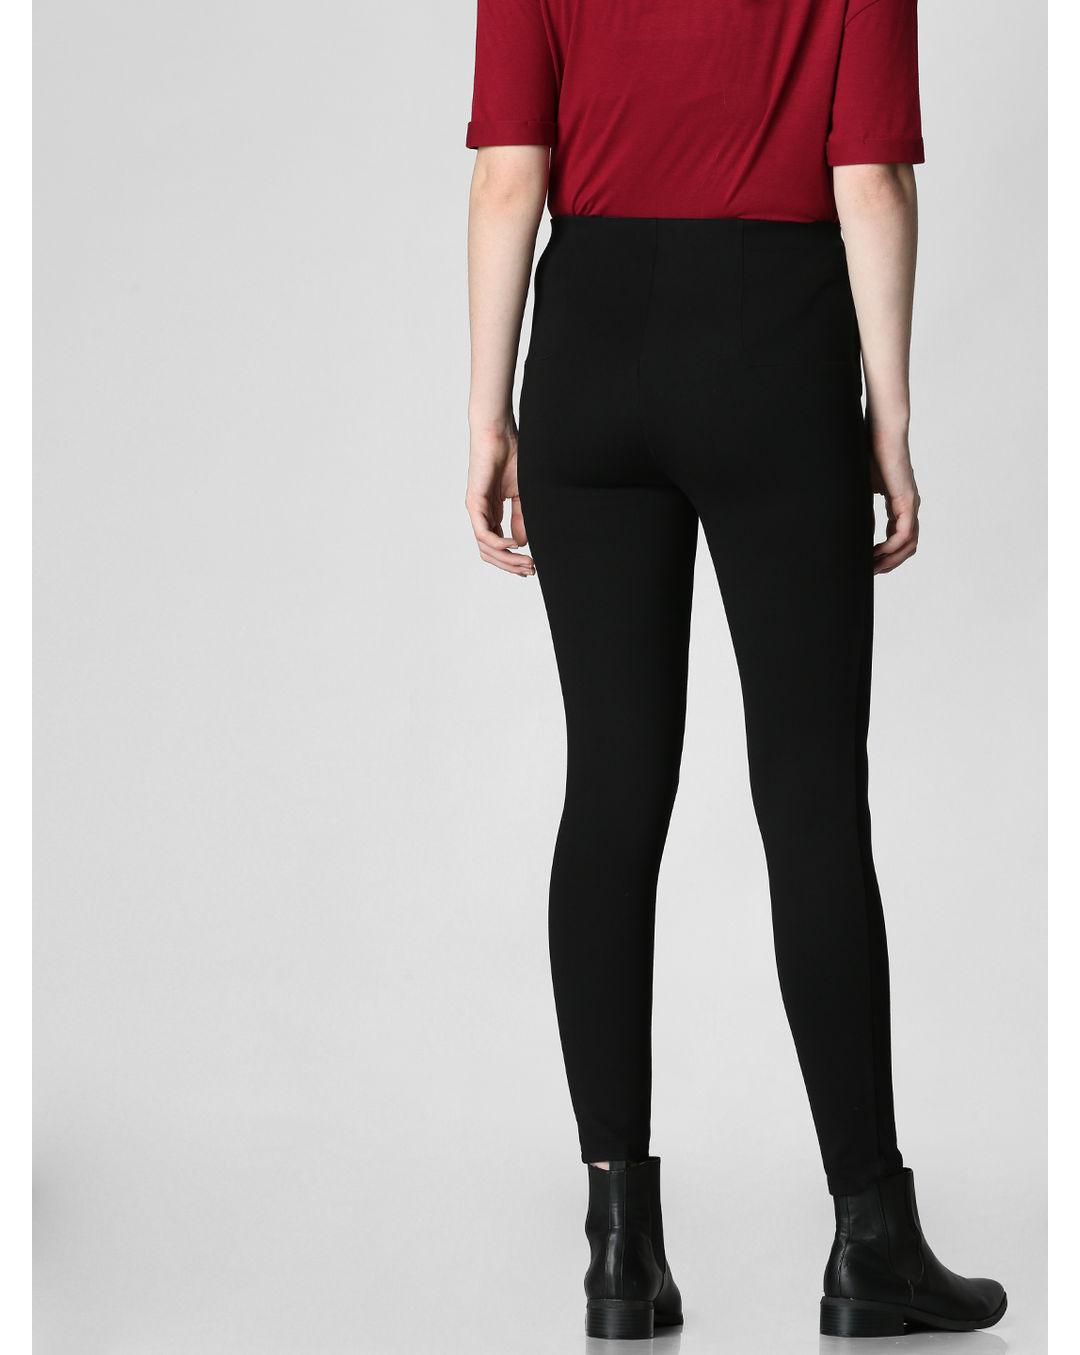 Vero Moda Women Casual Wear Solid Leggings